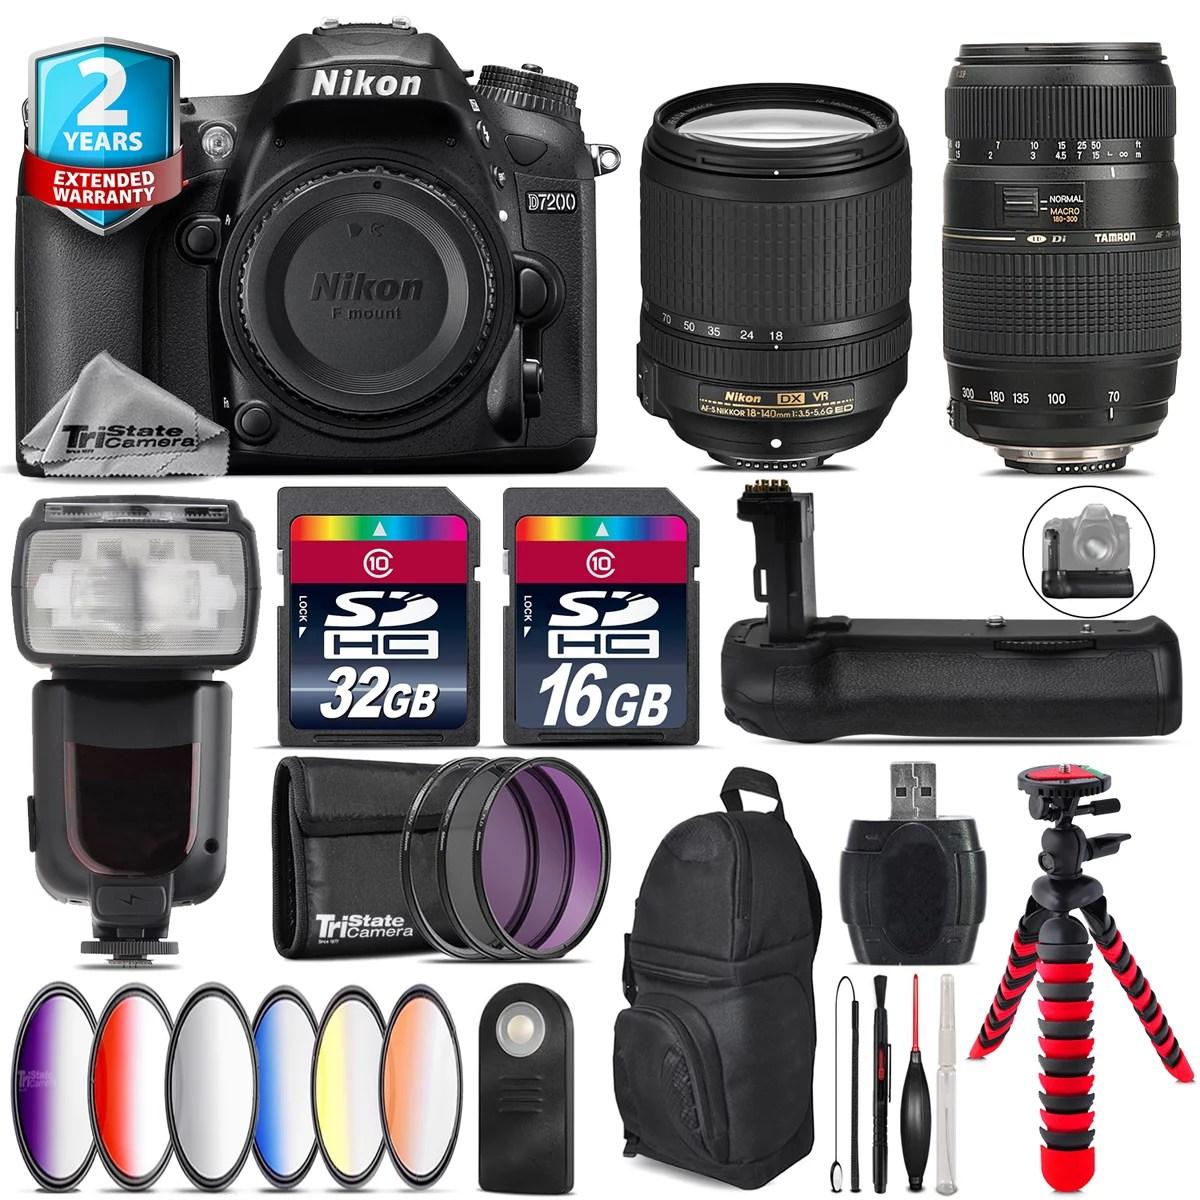 Nikon D7200 DSLR + AFS 18-140mm VR + Tamron 70-300mm + Remote - 48GB Bundle - Walmart.com - Walmart.com